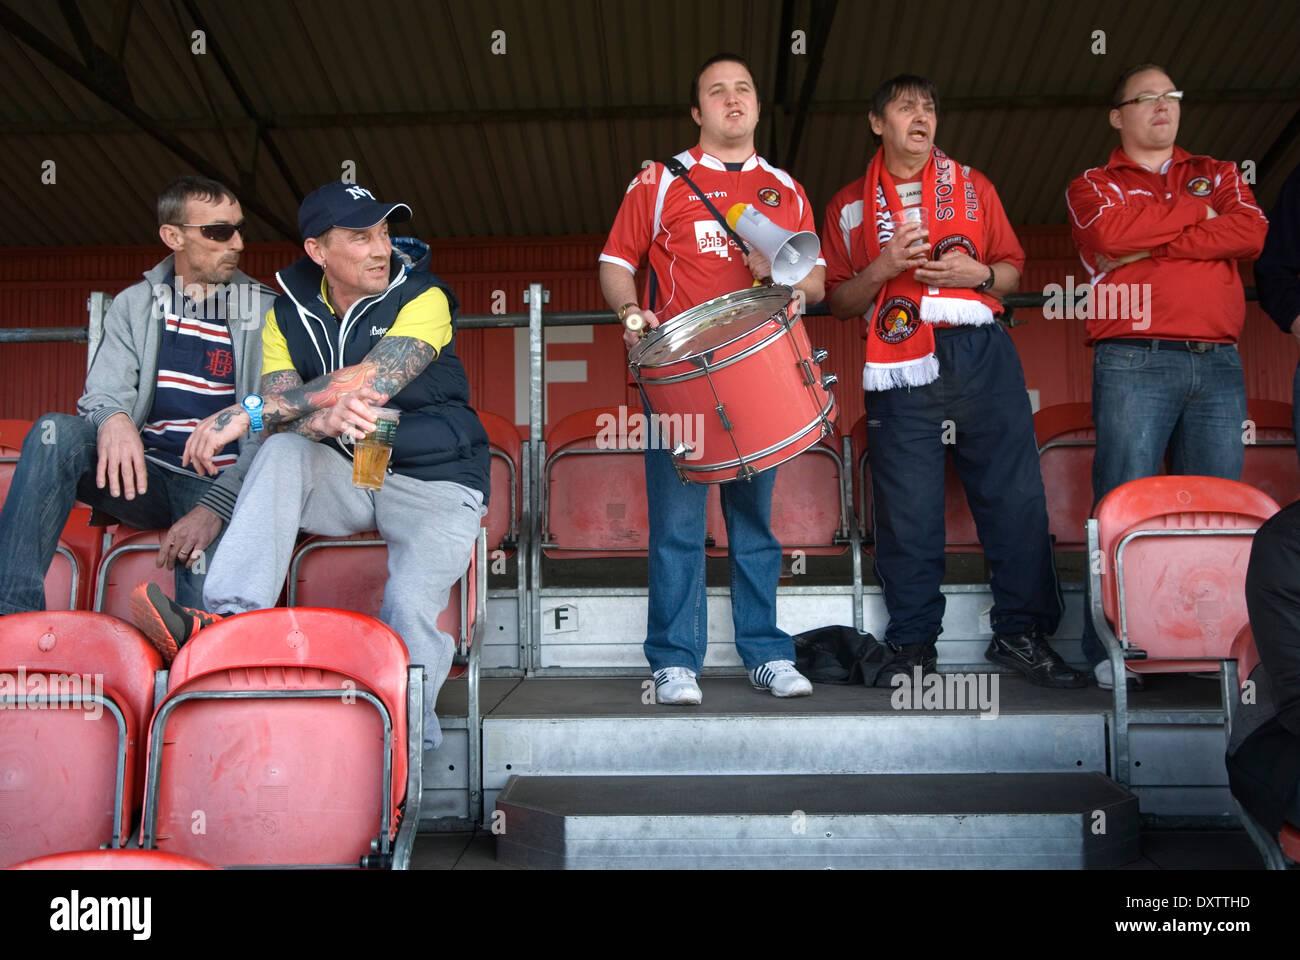 La flotta team Football Supporters presso l' estremità home'. Ebbsfleet v Tunbridge. Valle Ebbsfleet Kent REGNO UNITO. Immagini Stock